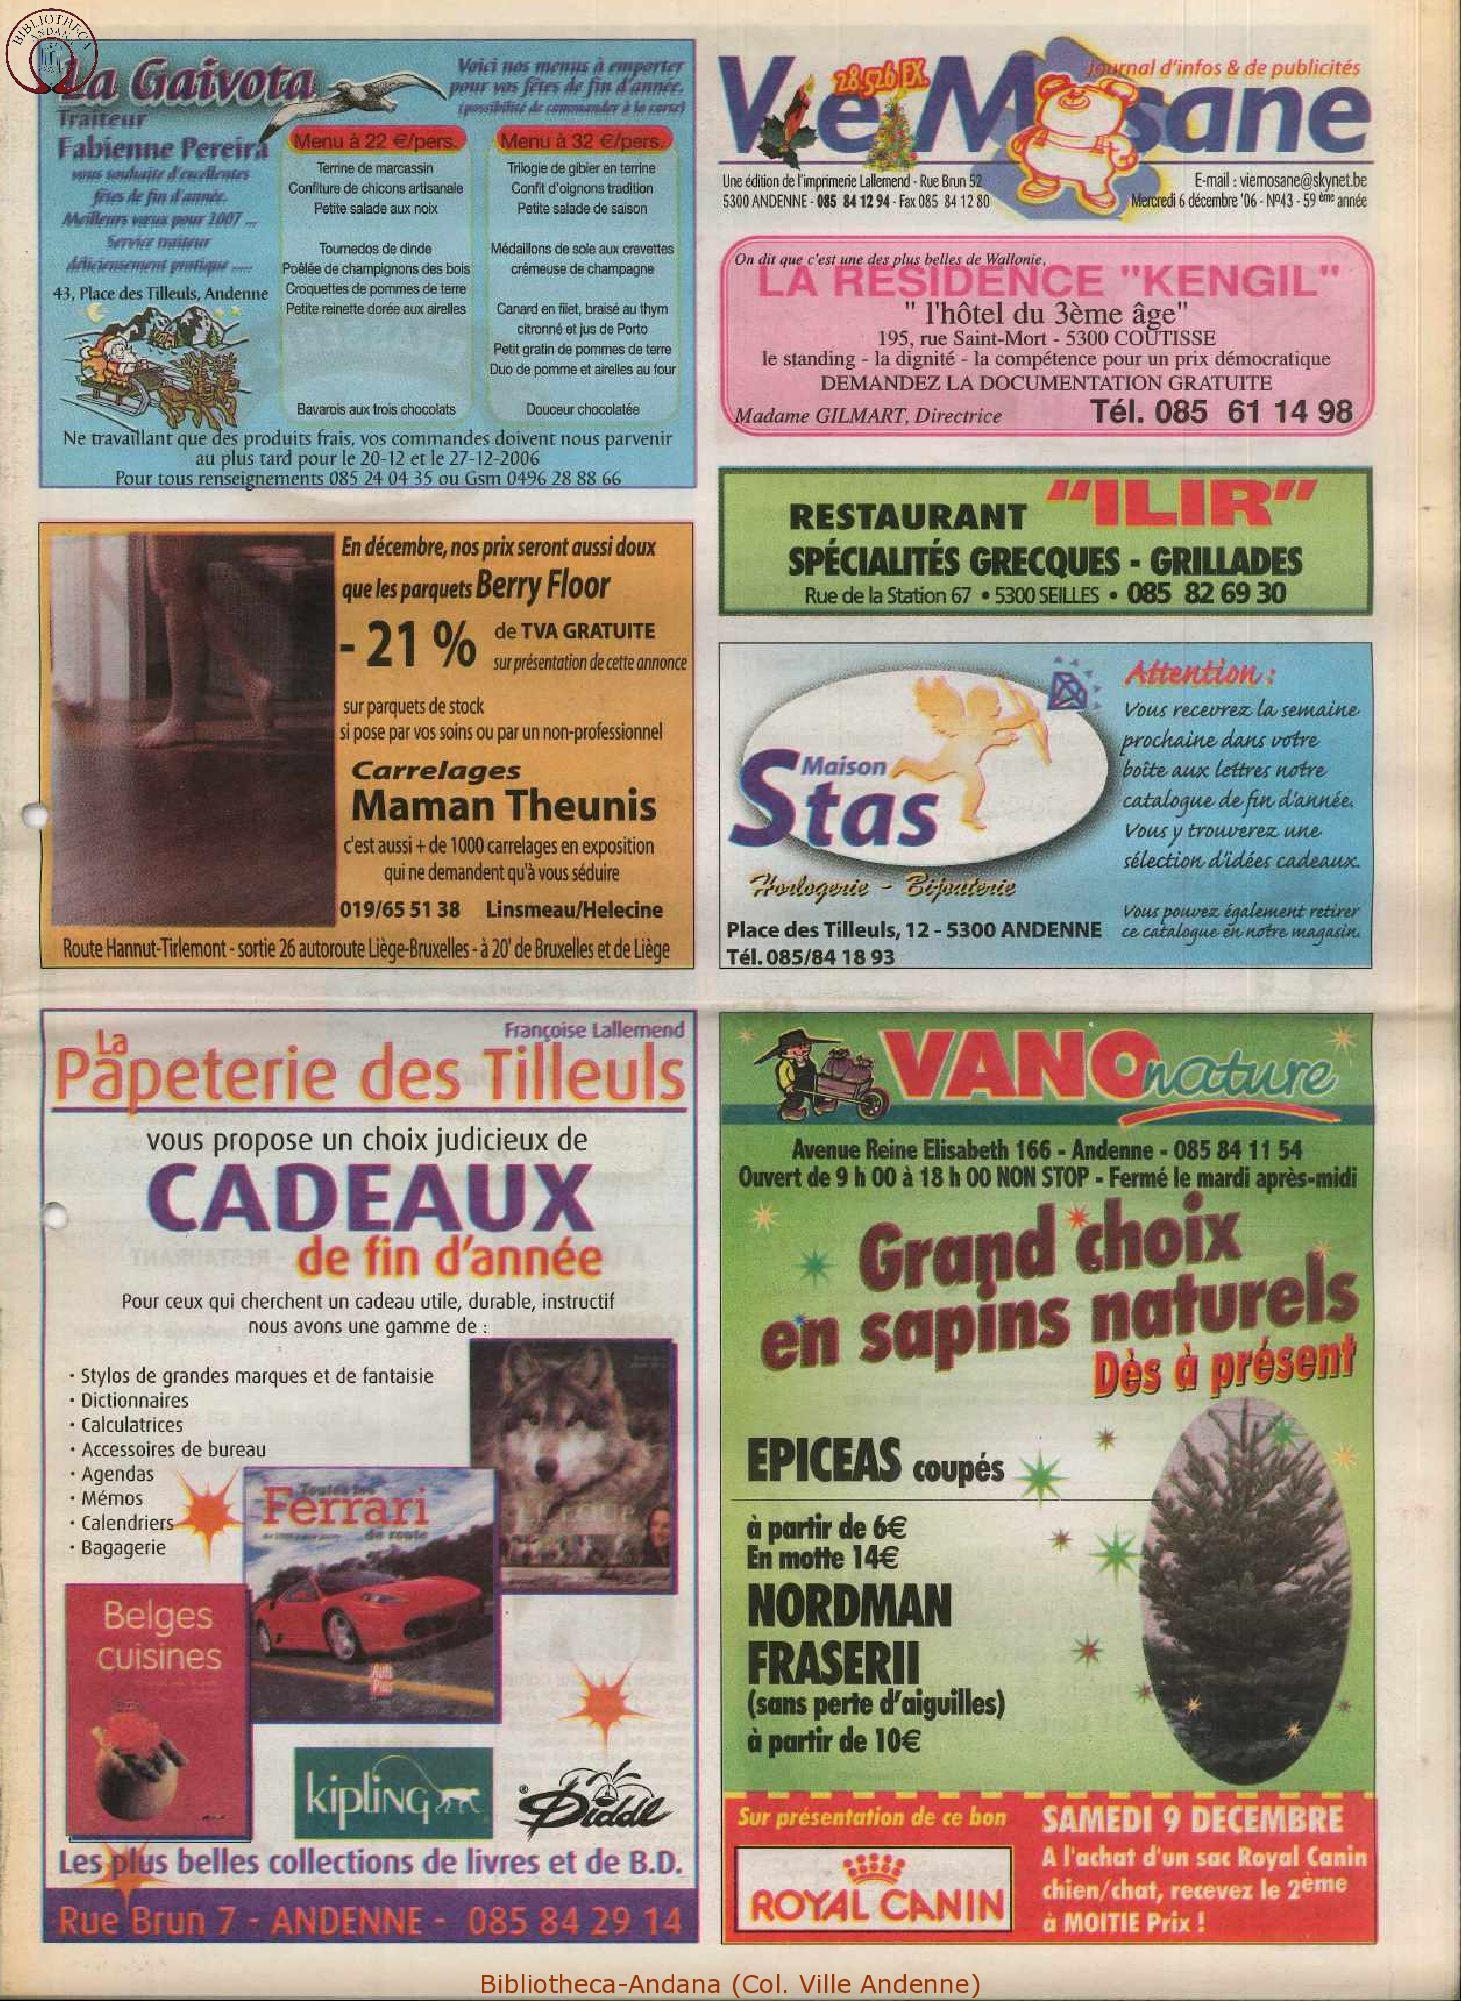 59e année - n°43 - 6 décembre 2006